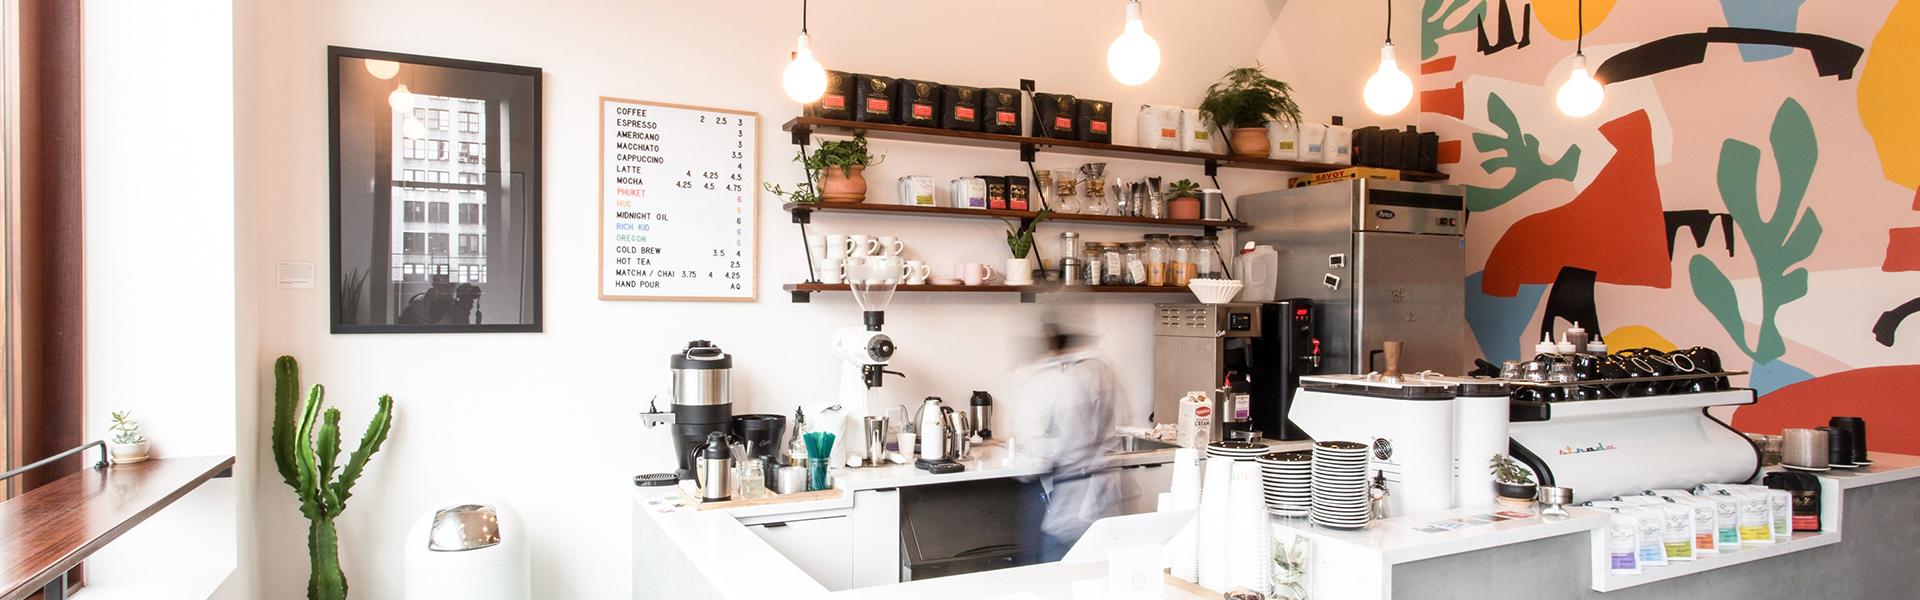 постеры в кофейне